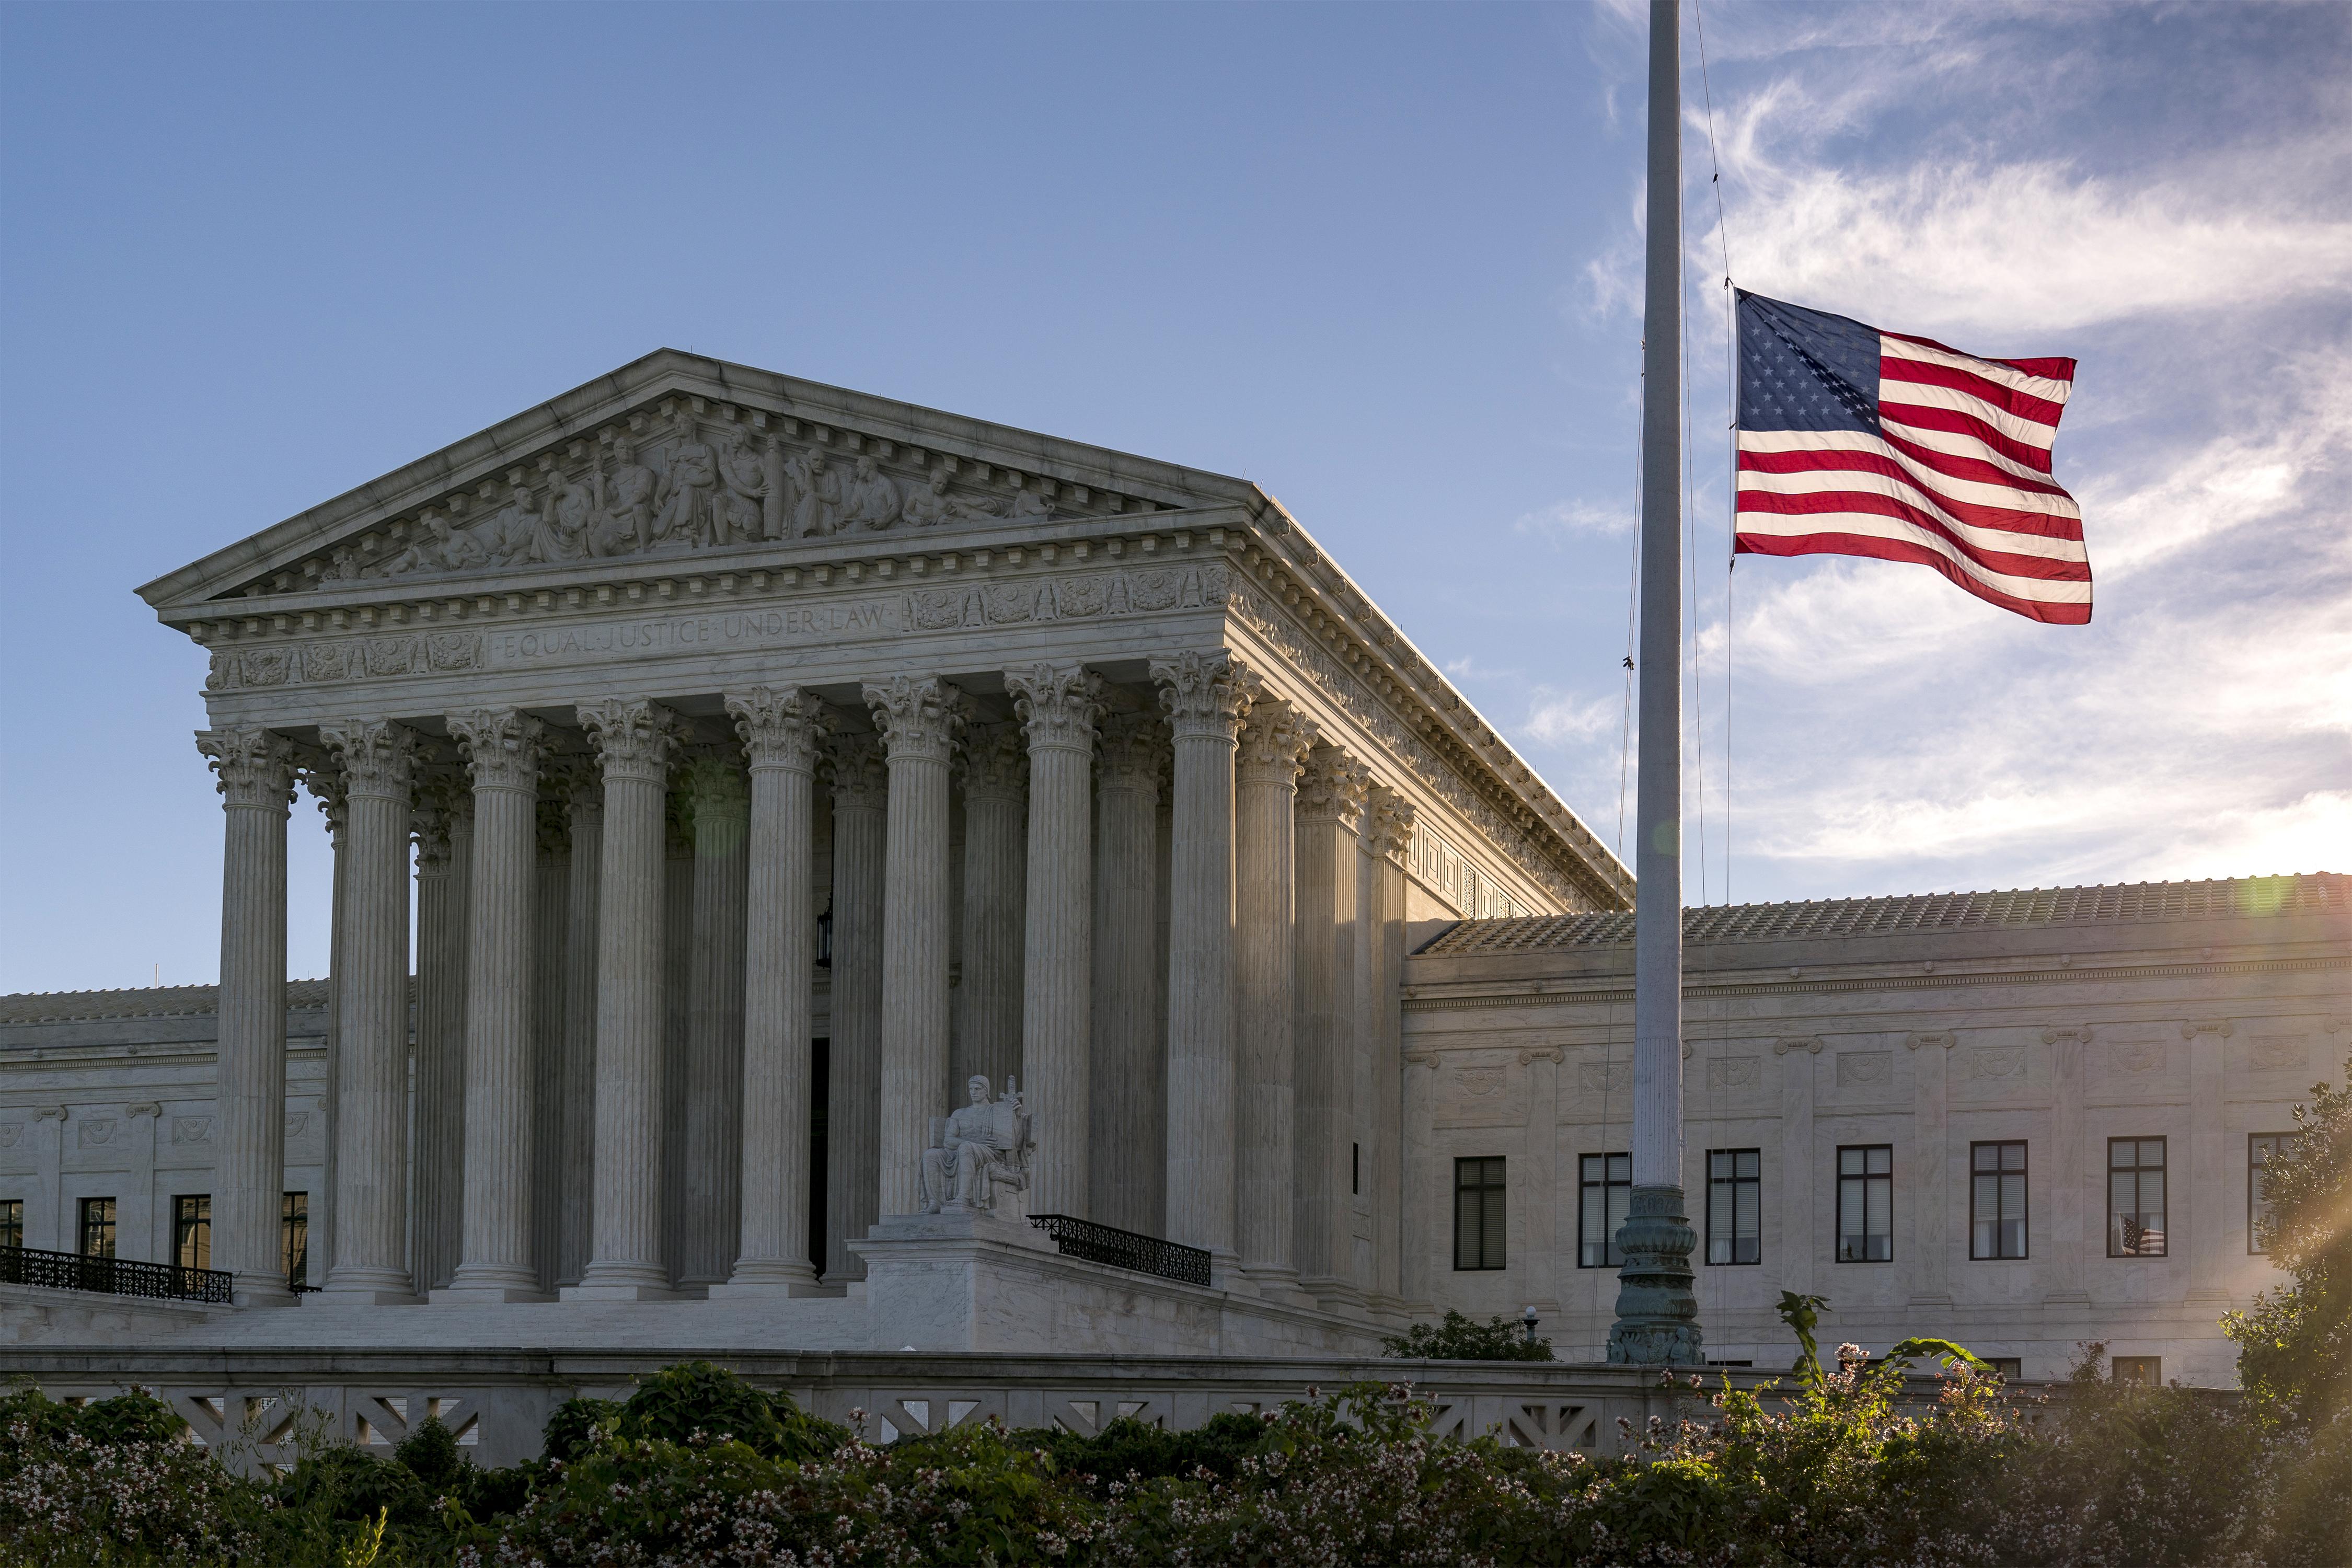 إخلاء المحكمة الأمريكية العليا بسبب تهديد بوجود قنبلة